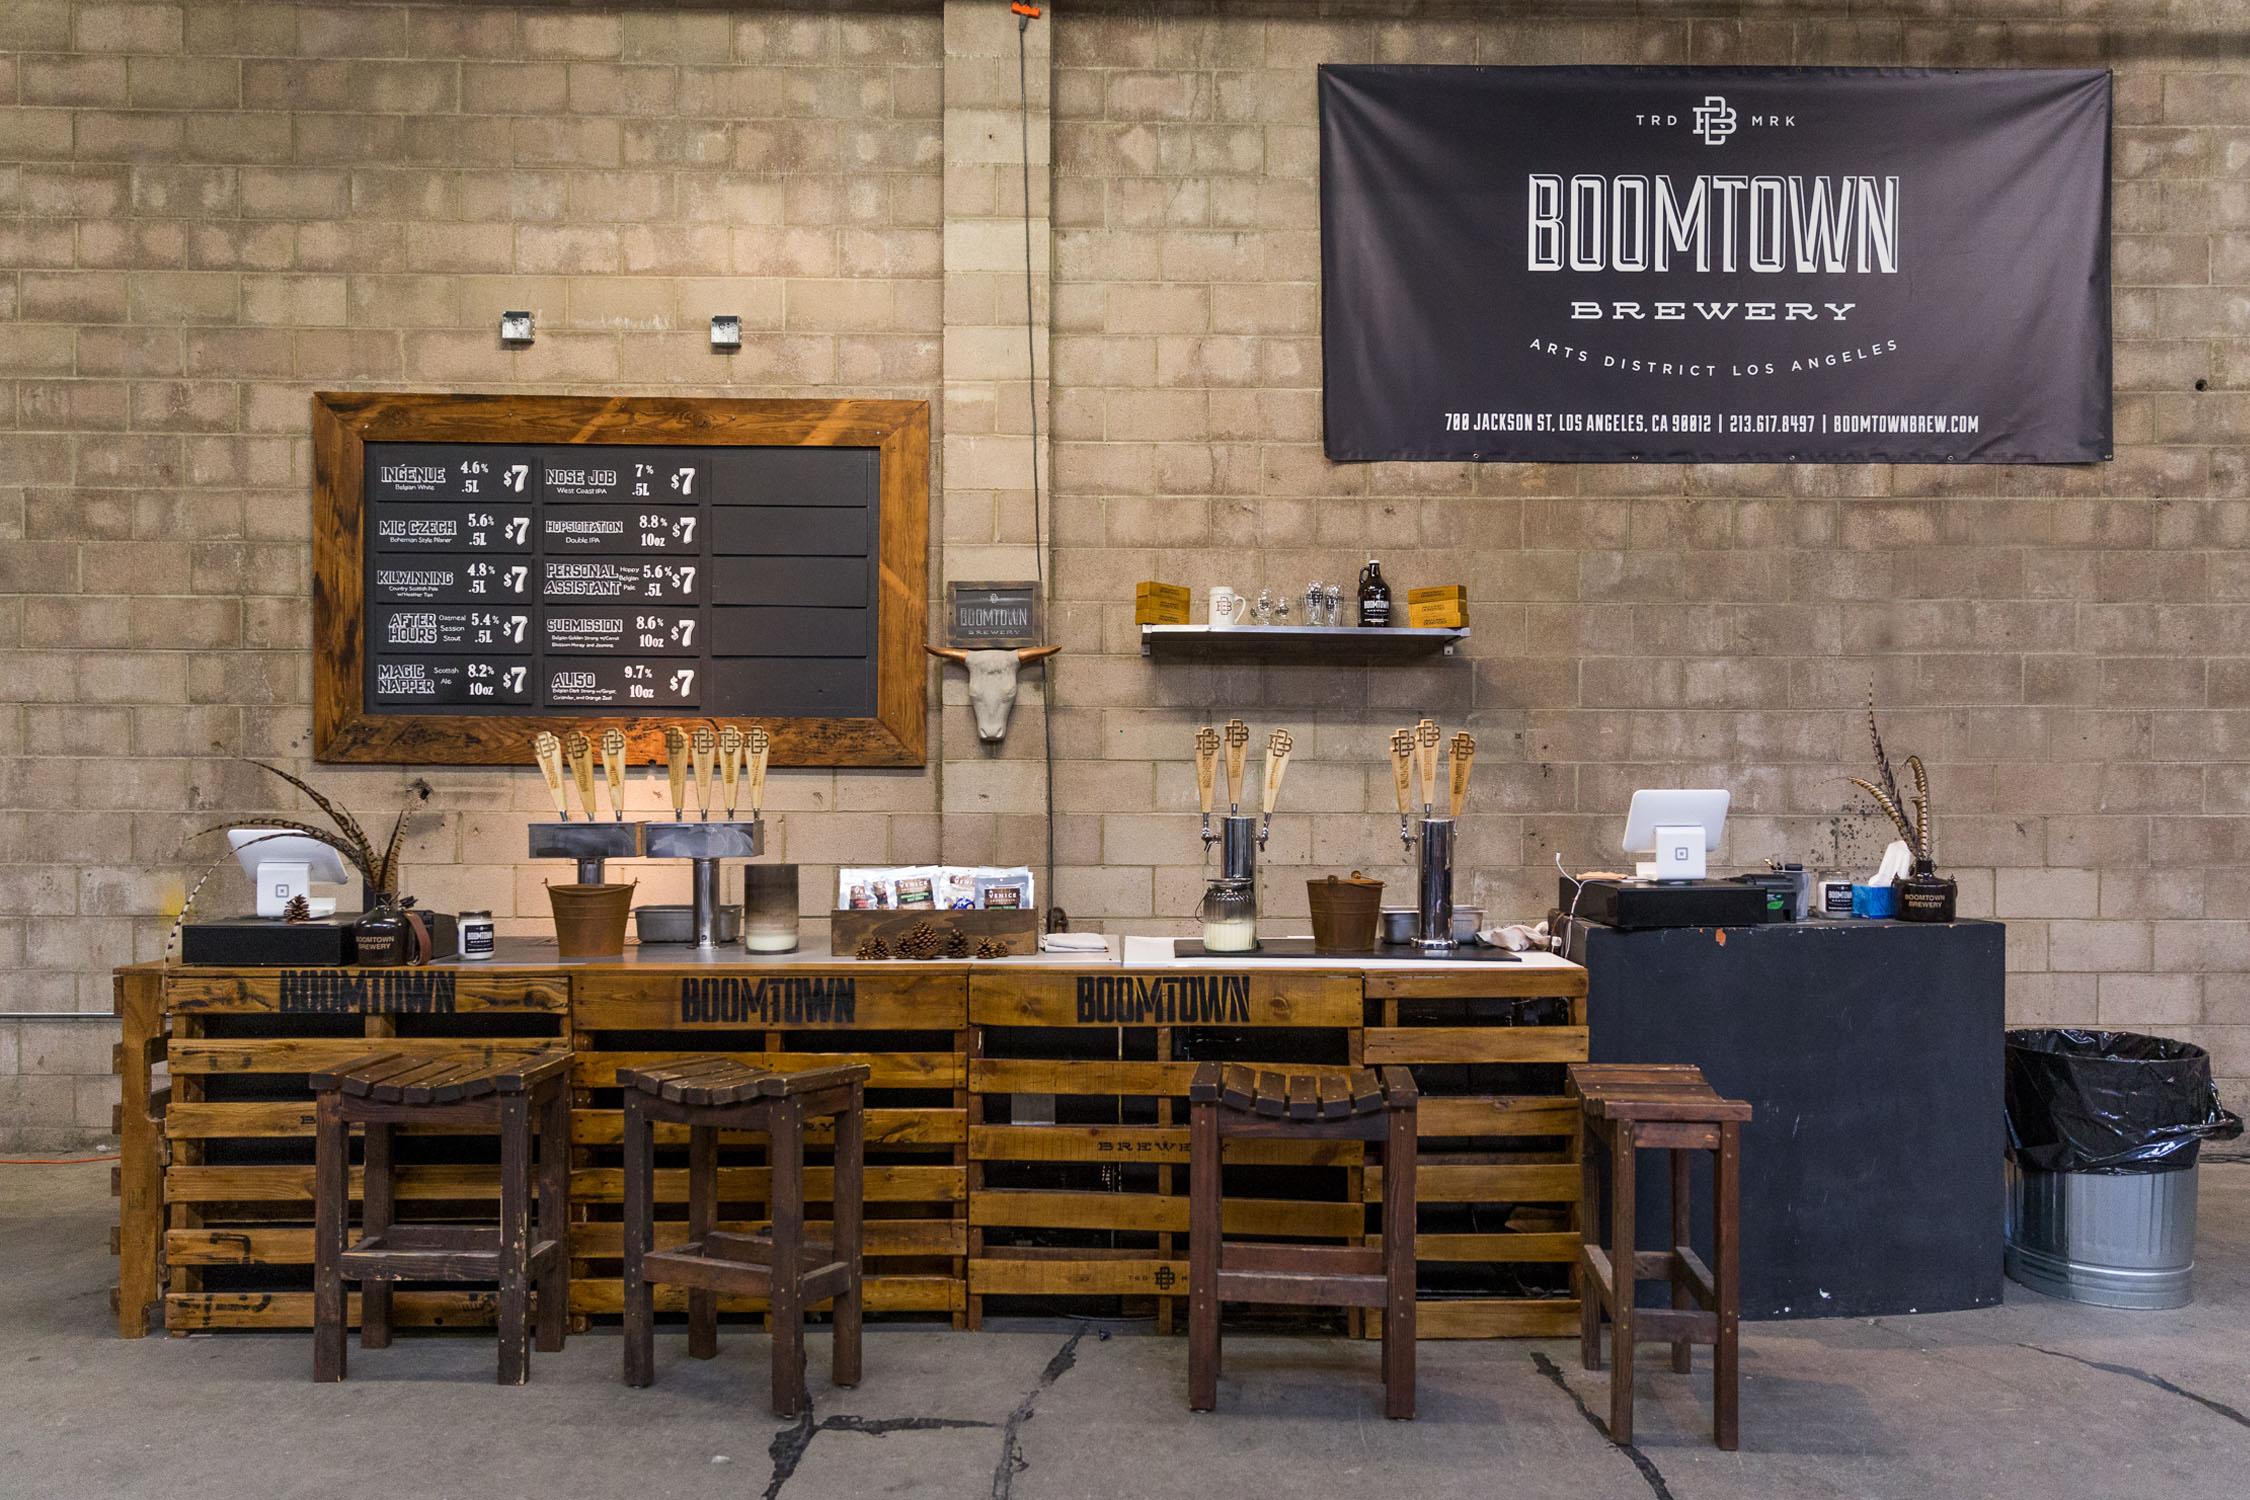 CMLA_Boomtown_161213_029 copy.jpg